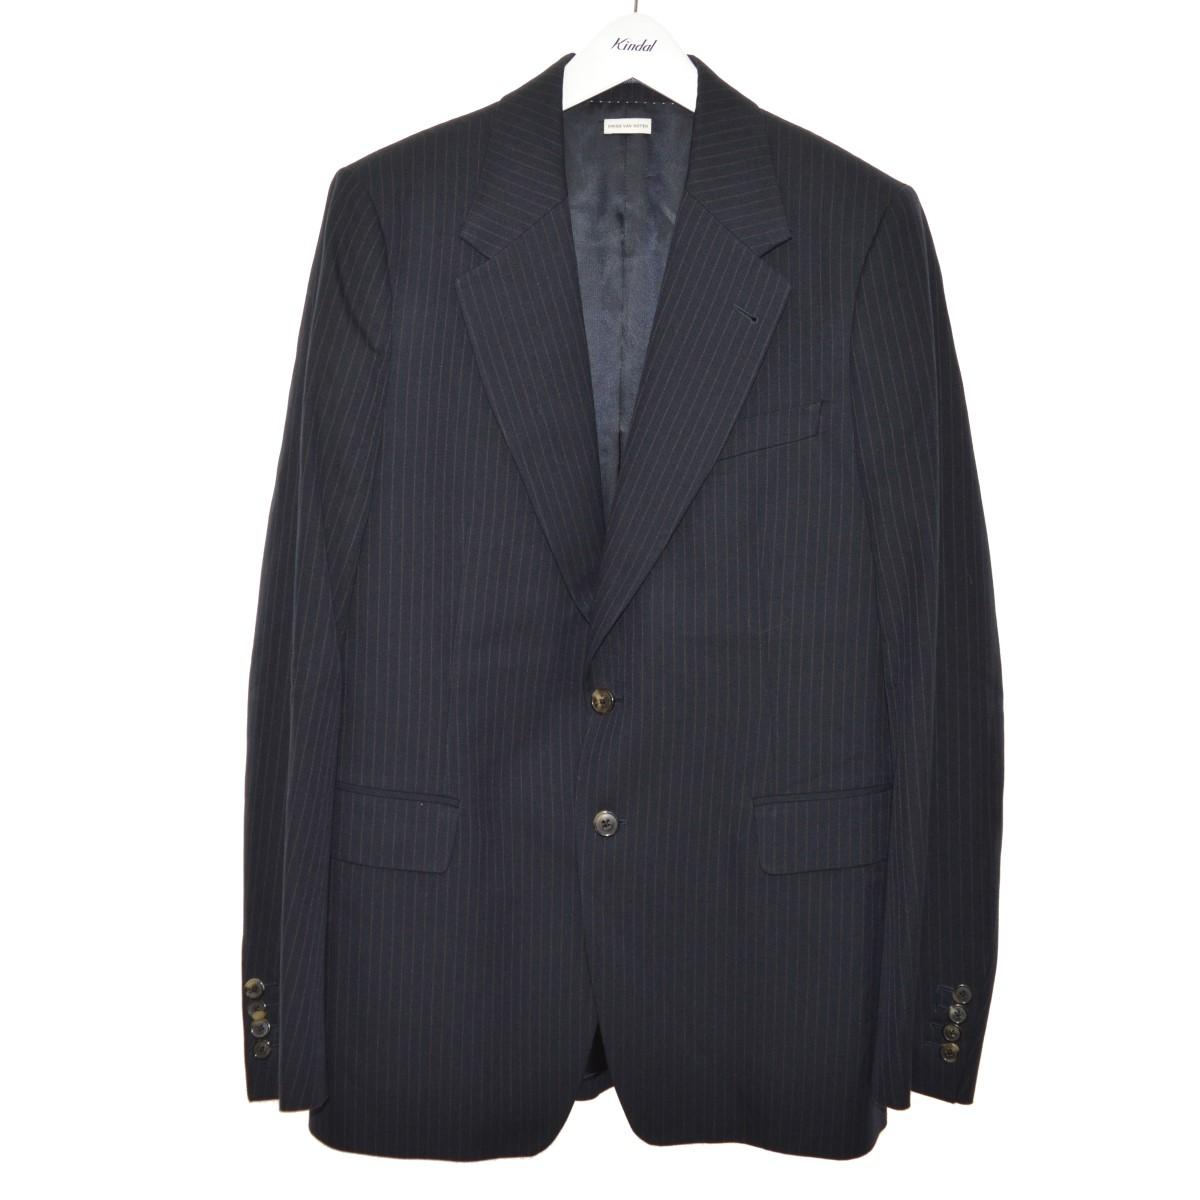 【中古】DRIES VAN NOTEN ピンストライプ2Bテーラードジャケット ネイビー サイズ:50 【140620】(ドリスヴァンノッテン)